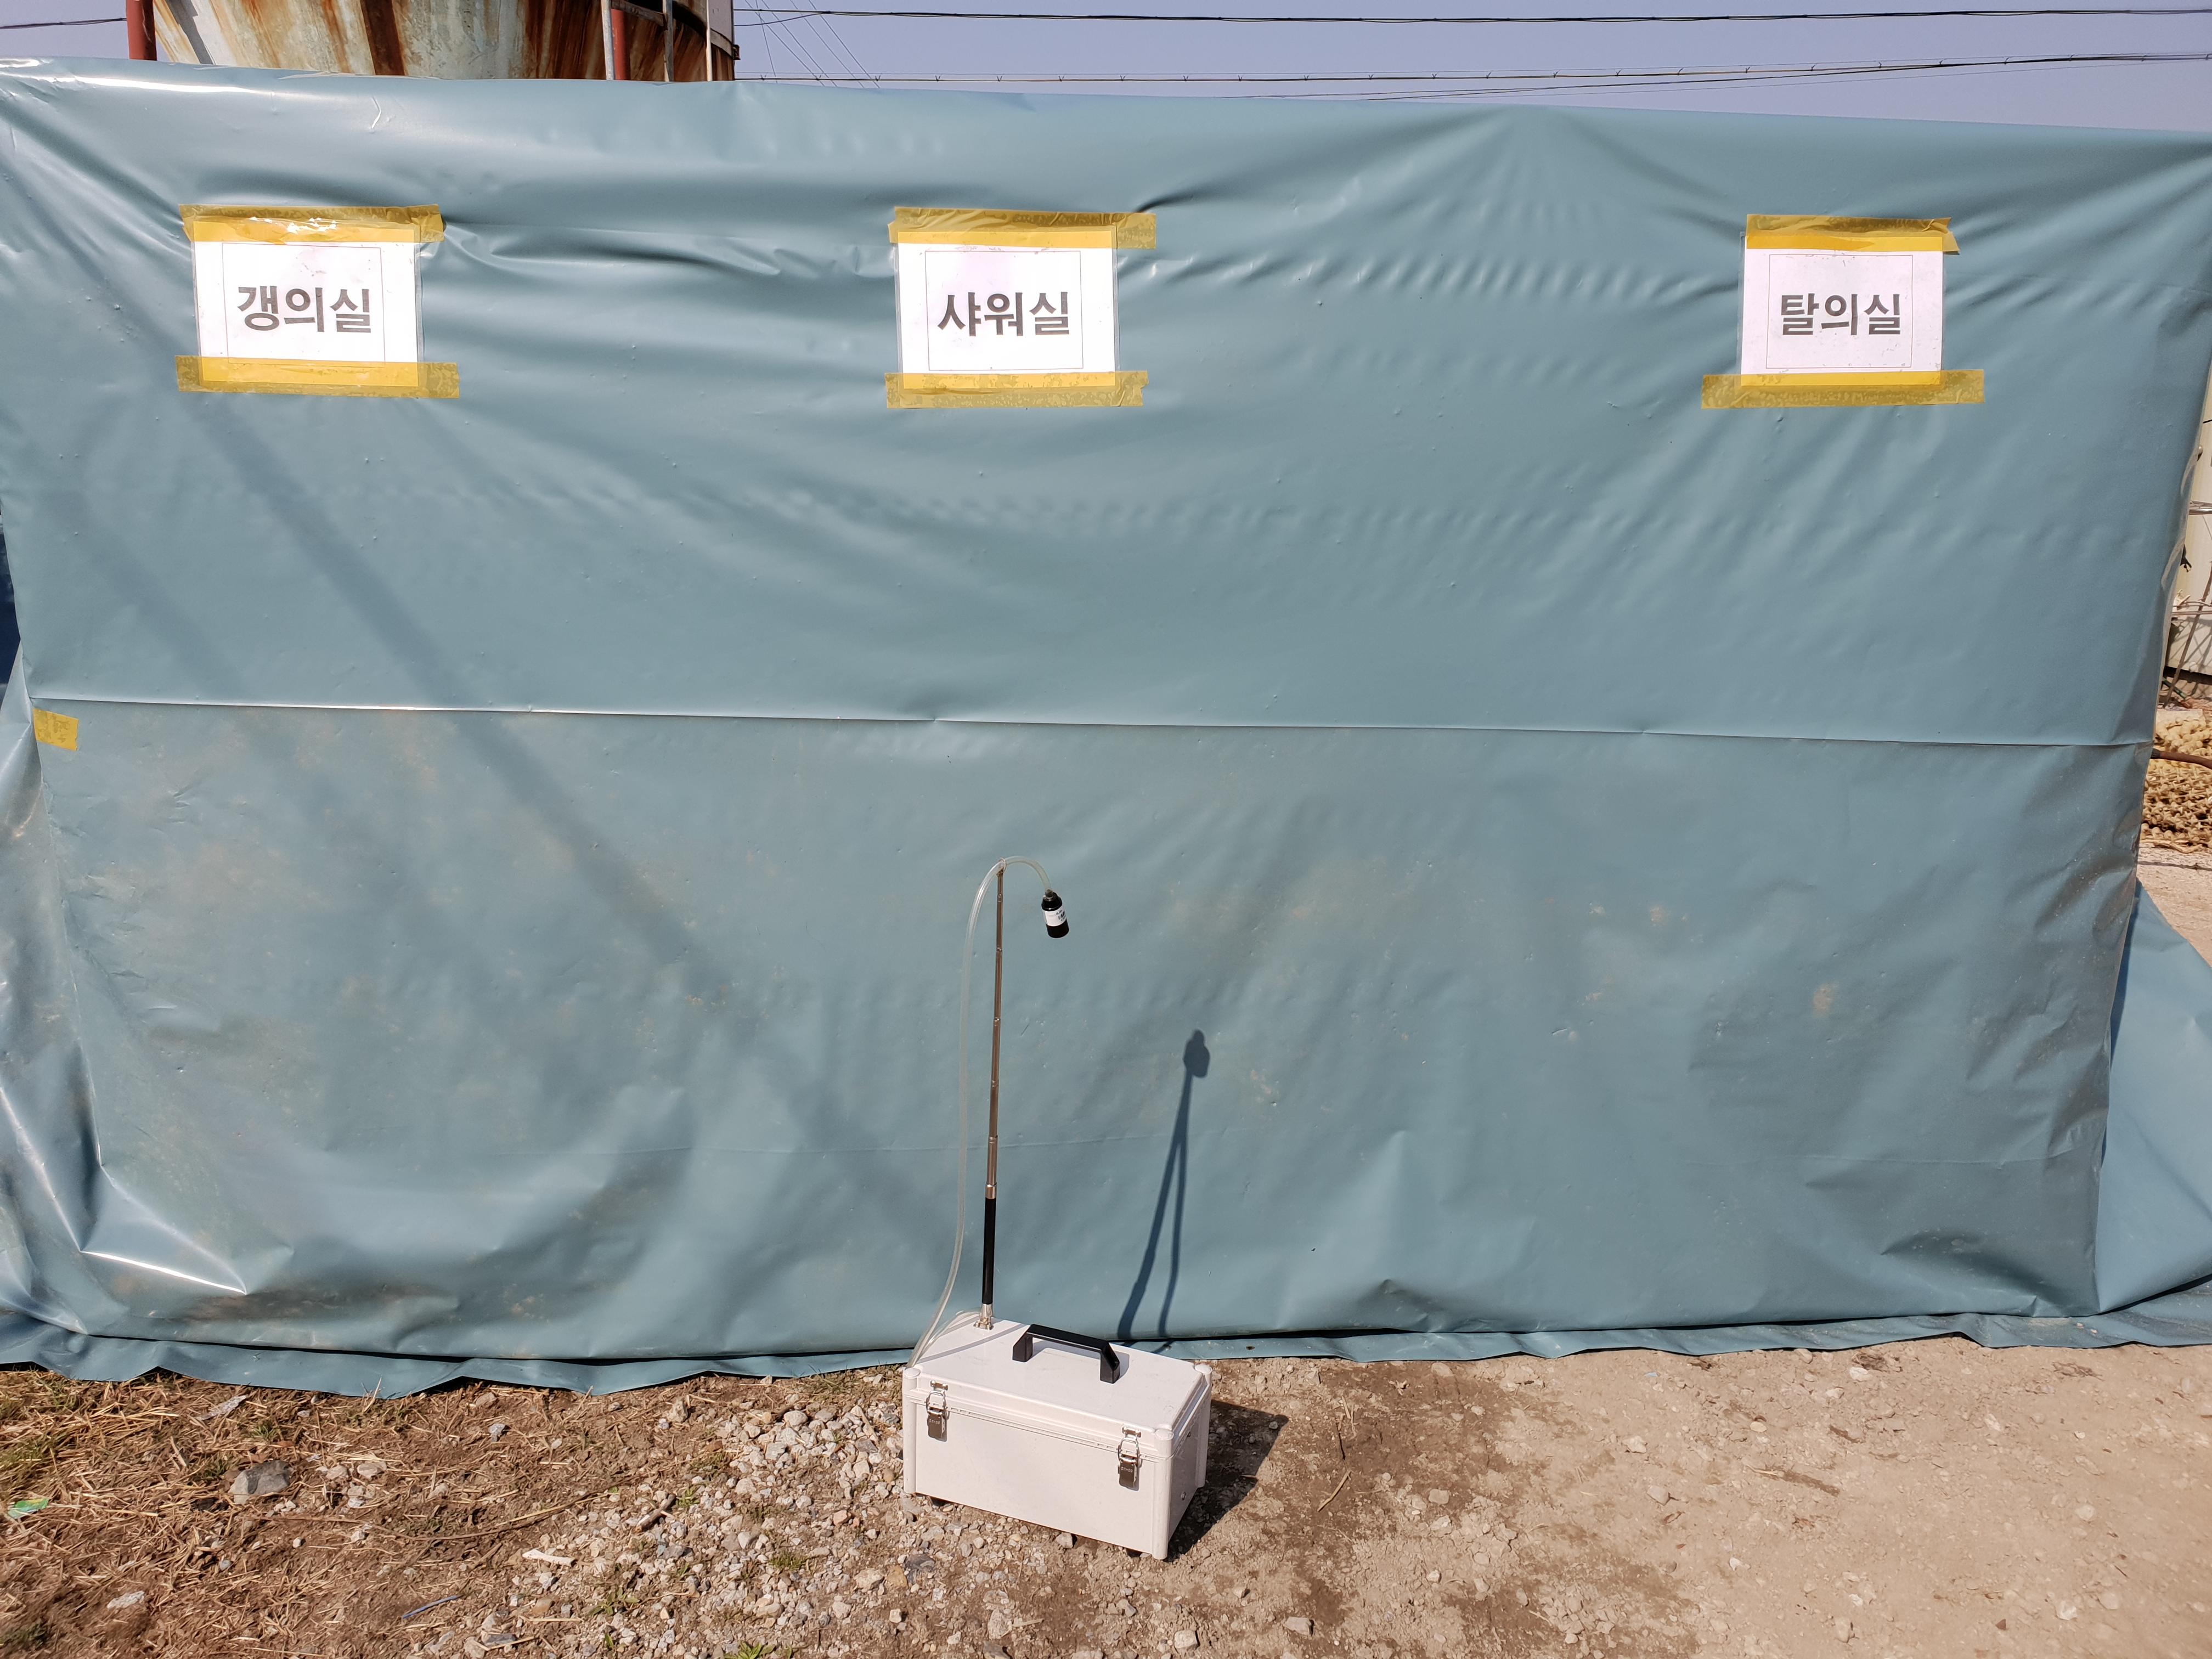 2 번째 사진 대창면 대창리 철거공사 에  연면적1440.99 ㎡ 영천시 대창면 대창리 철거공사에 대한 석면공기질측정